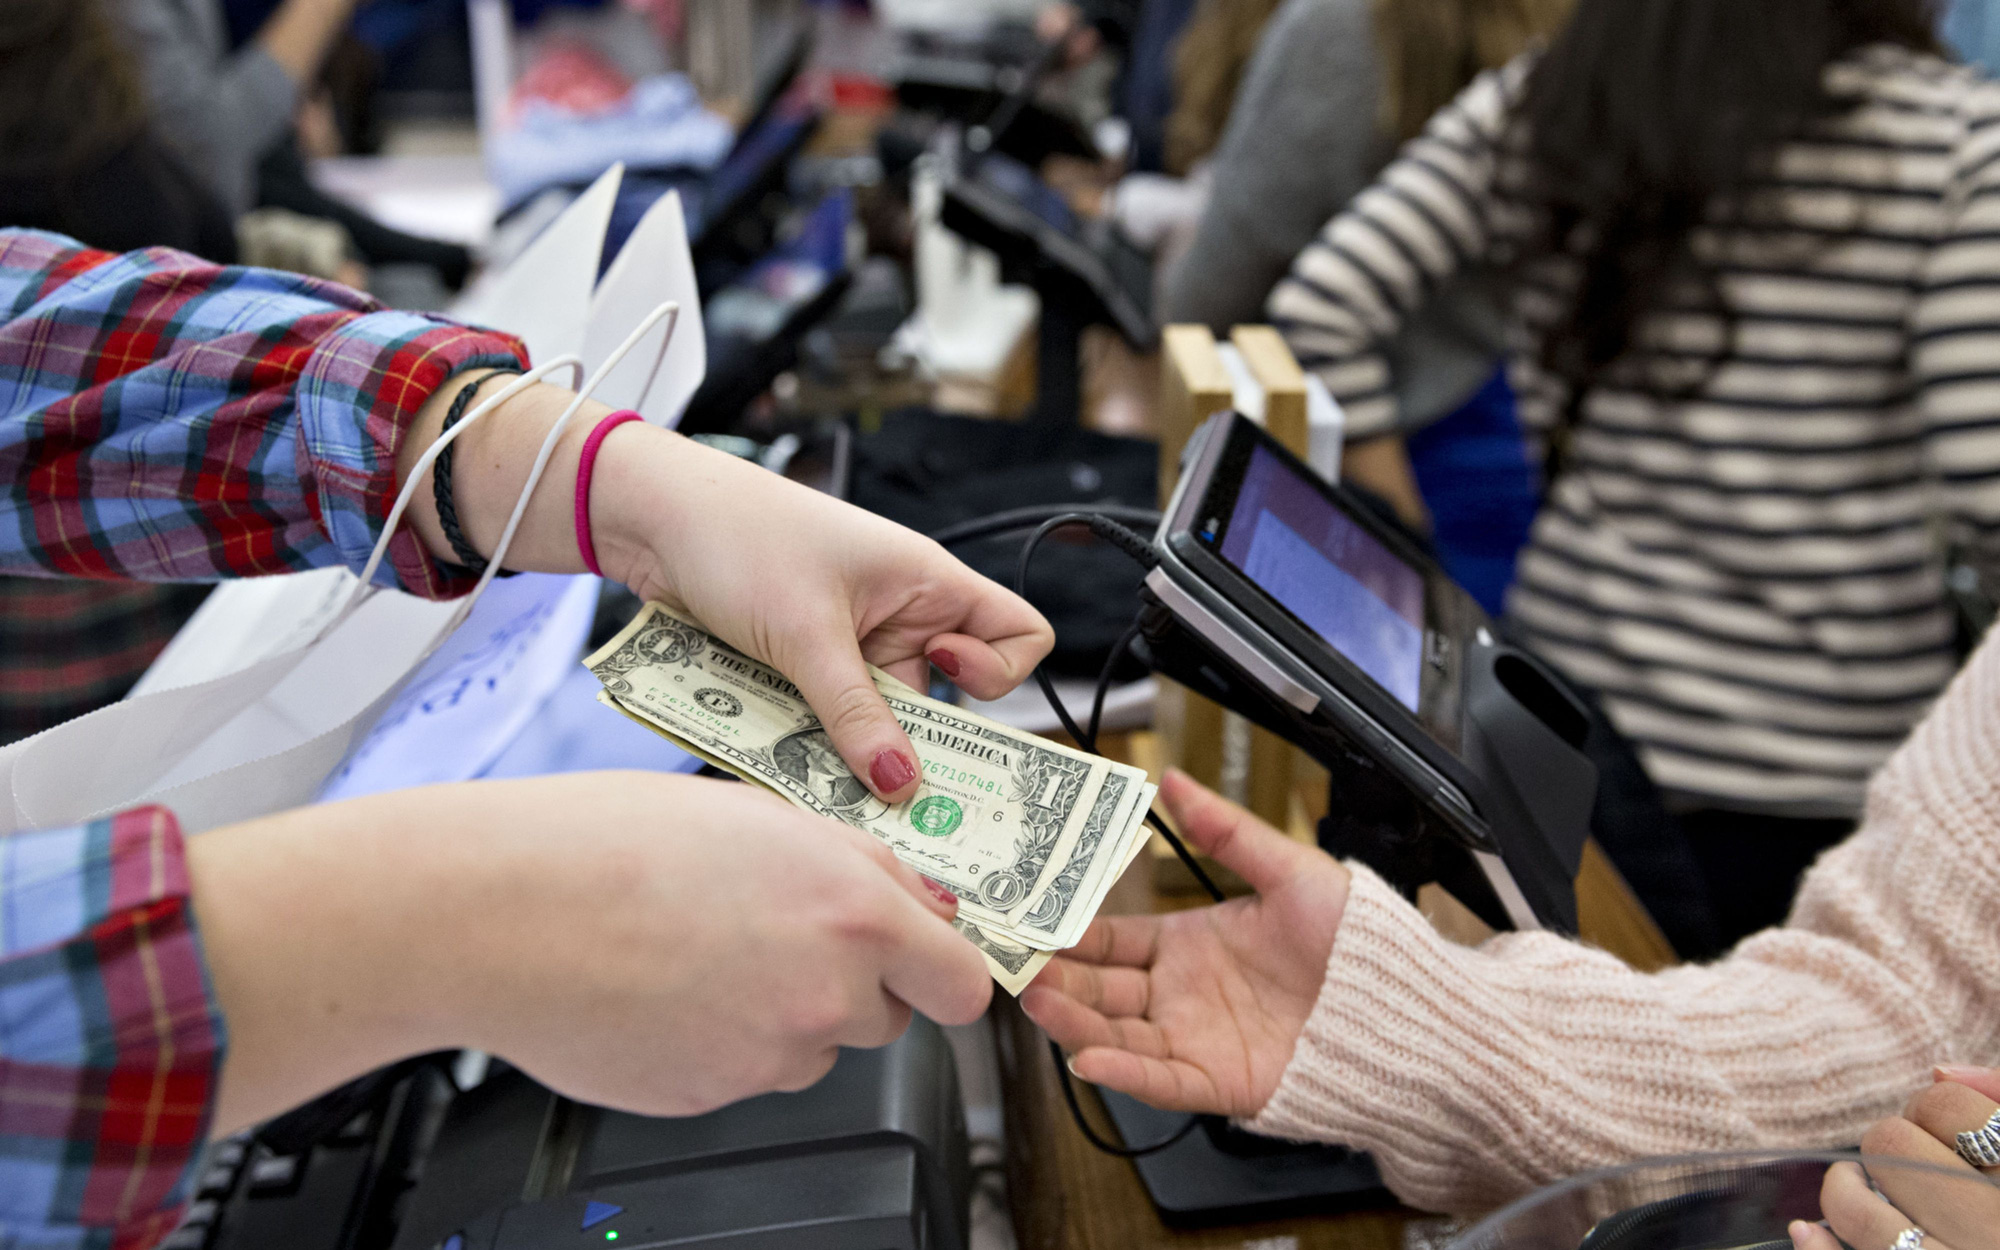 Những chỉ tiêu tiêu dùng sụt giảm cho thấy nền kinh tế lớn nhất thế giới đang chịu 'cú sốc' mạnh do Covid-19